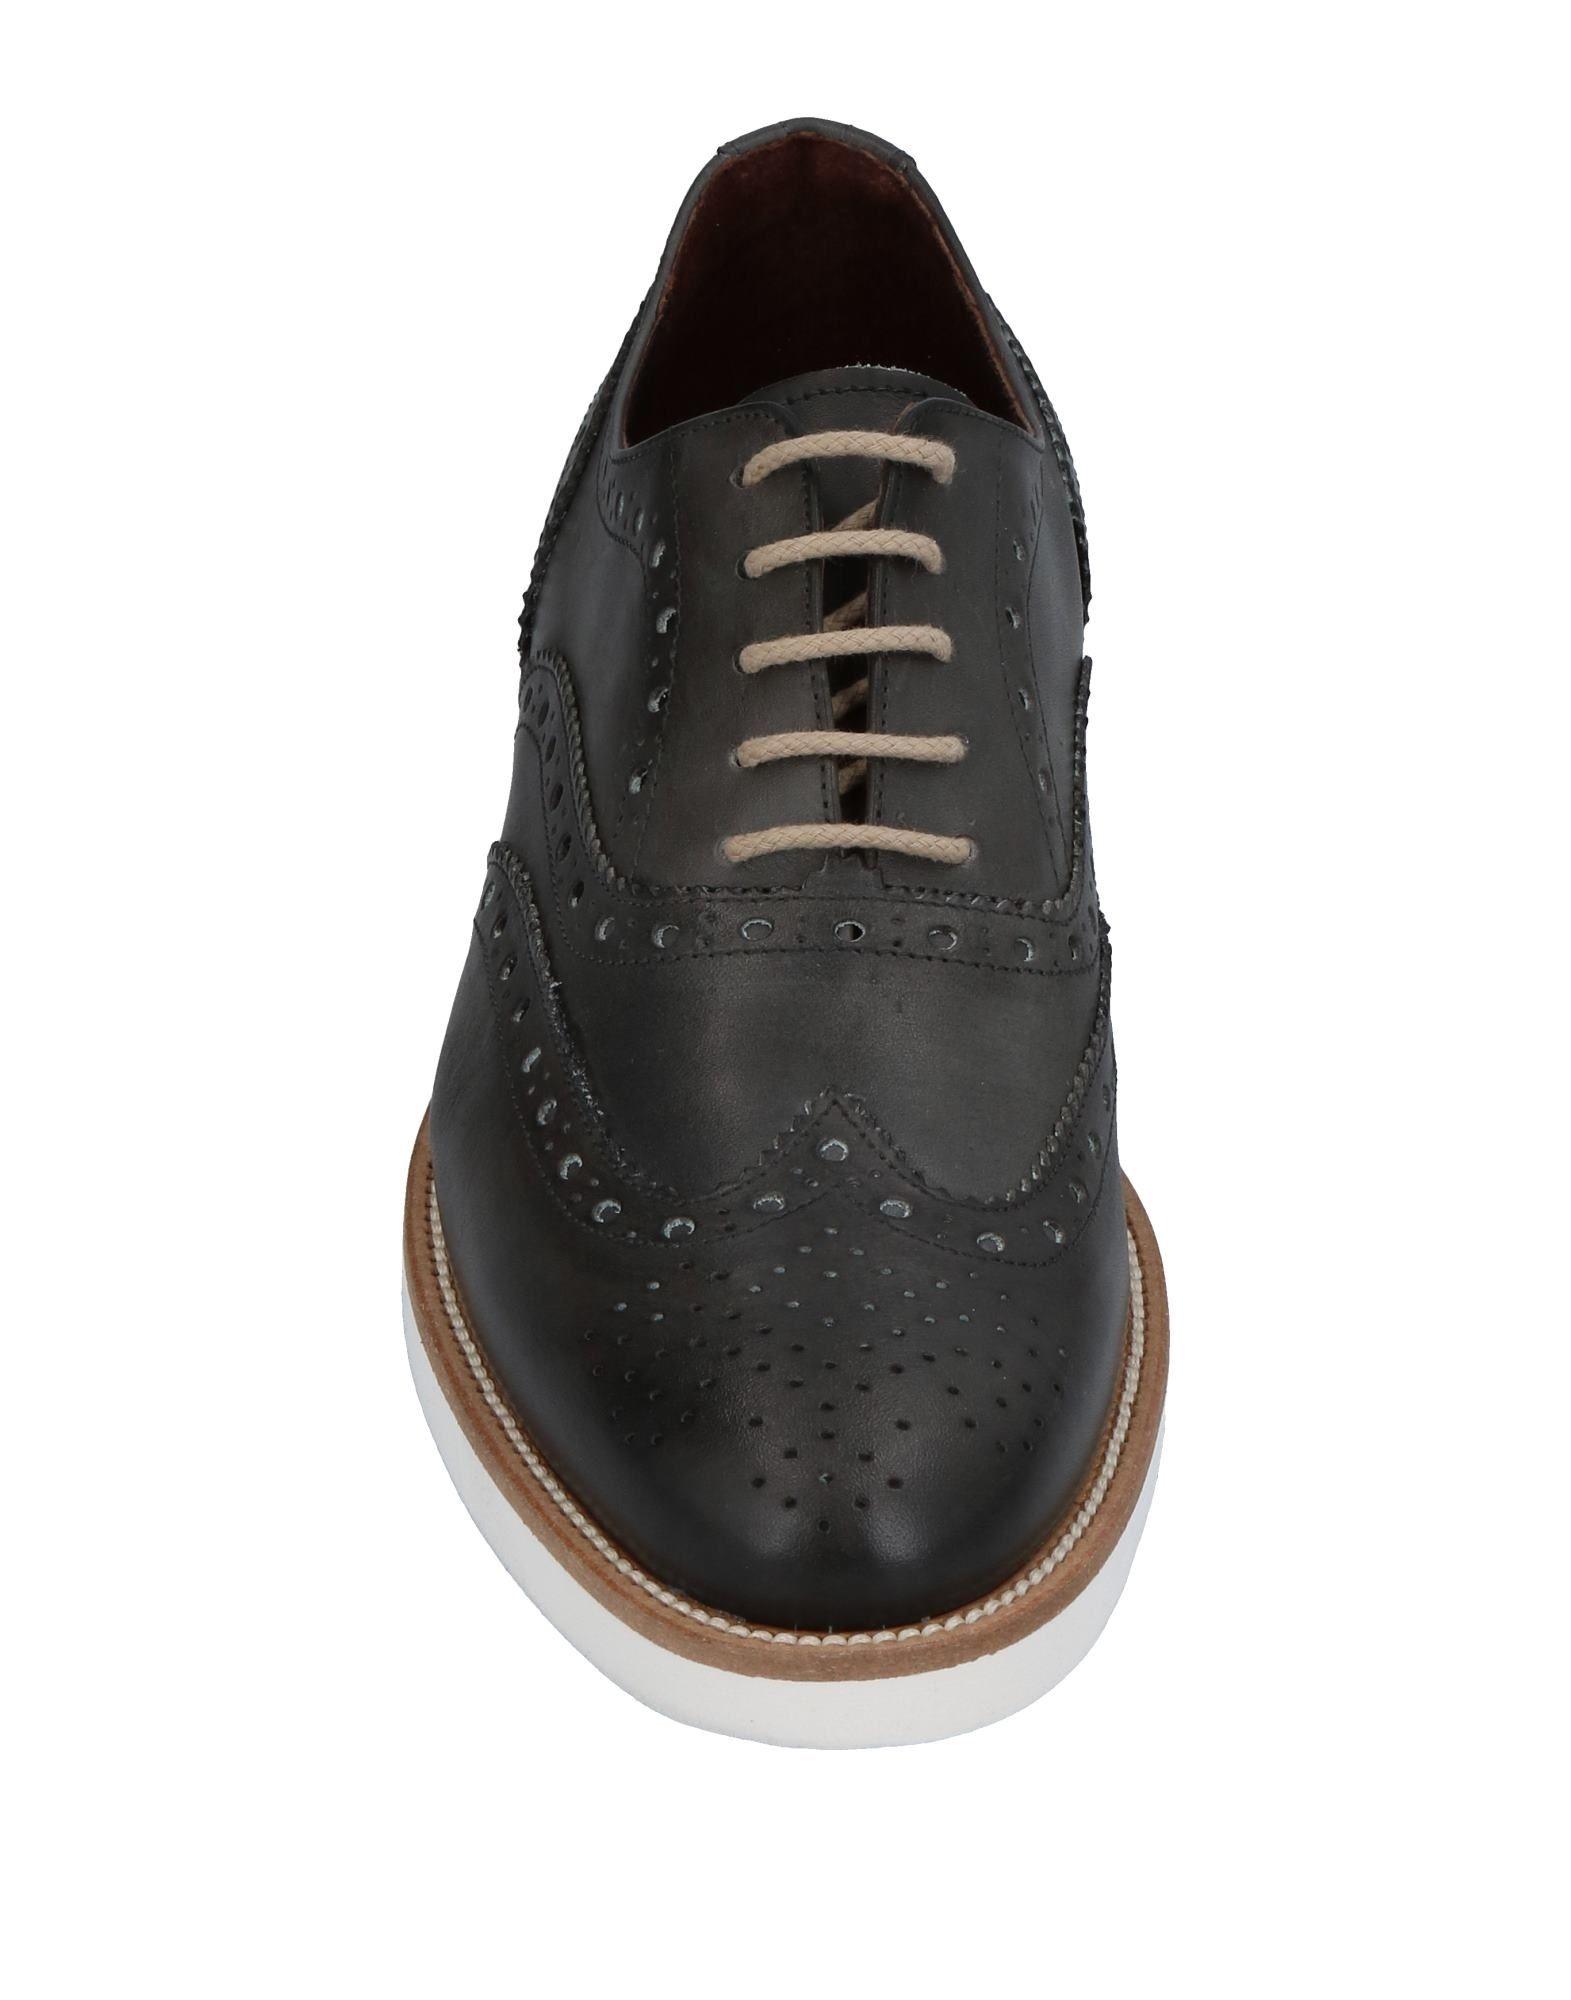 Cafènoir Heiße Schnürschuhe Herren  11208206RF Heiße Cafènoir Schuhe 4fdc67